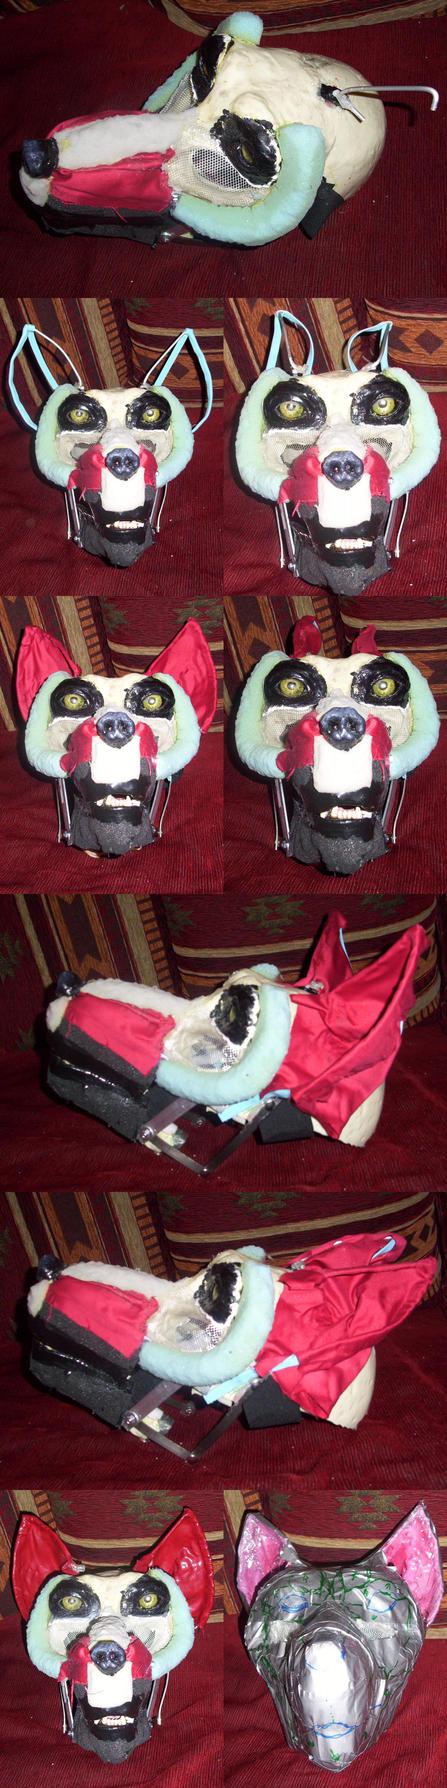 Wolf-Mask - Walkthrough 06 by poisonmilow